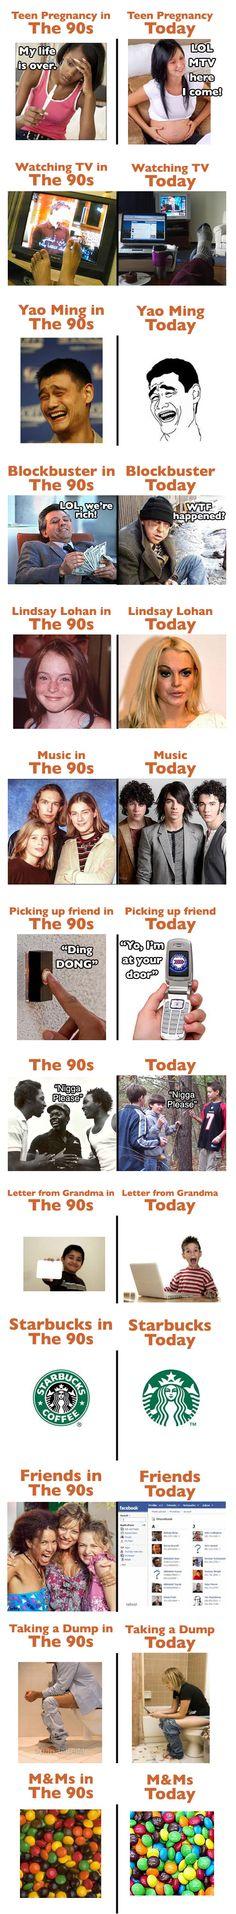 the 90's vs. today...  haahaha